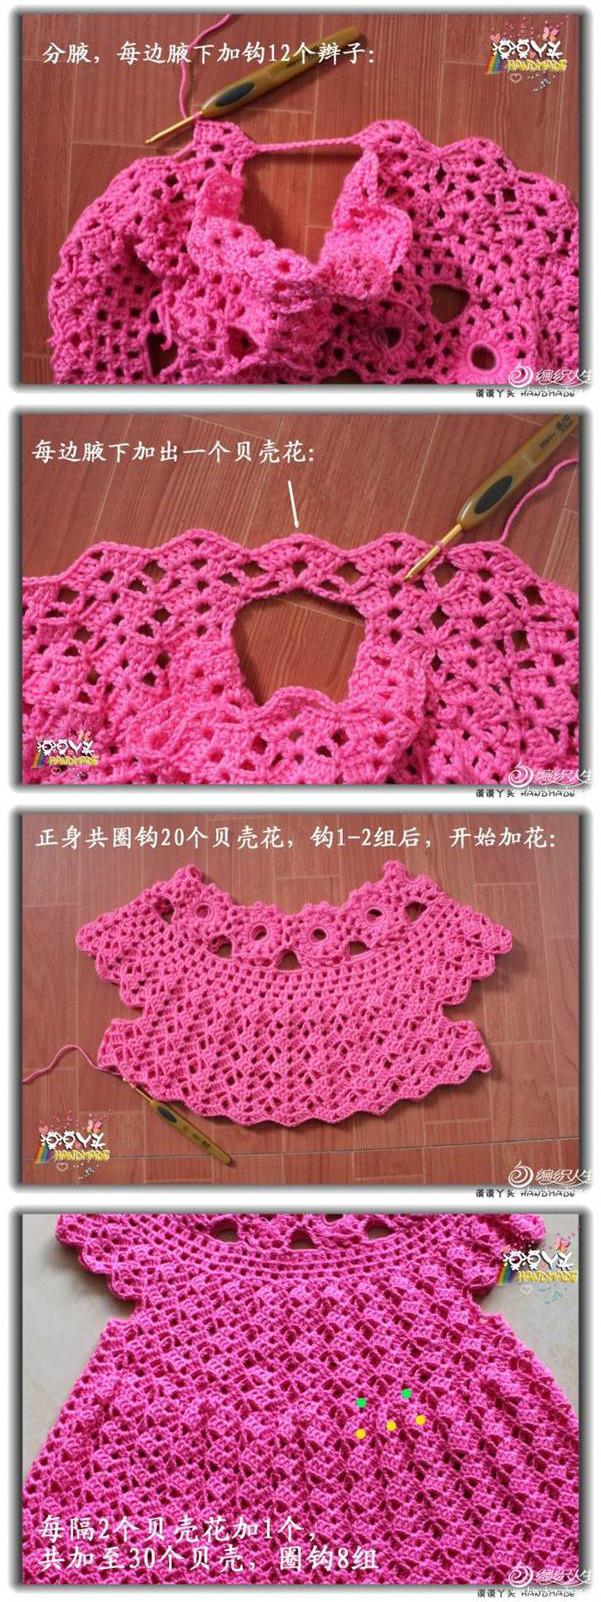 DIY-Beautiful-Crochet-Dress-00-04